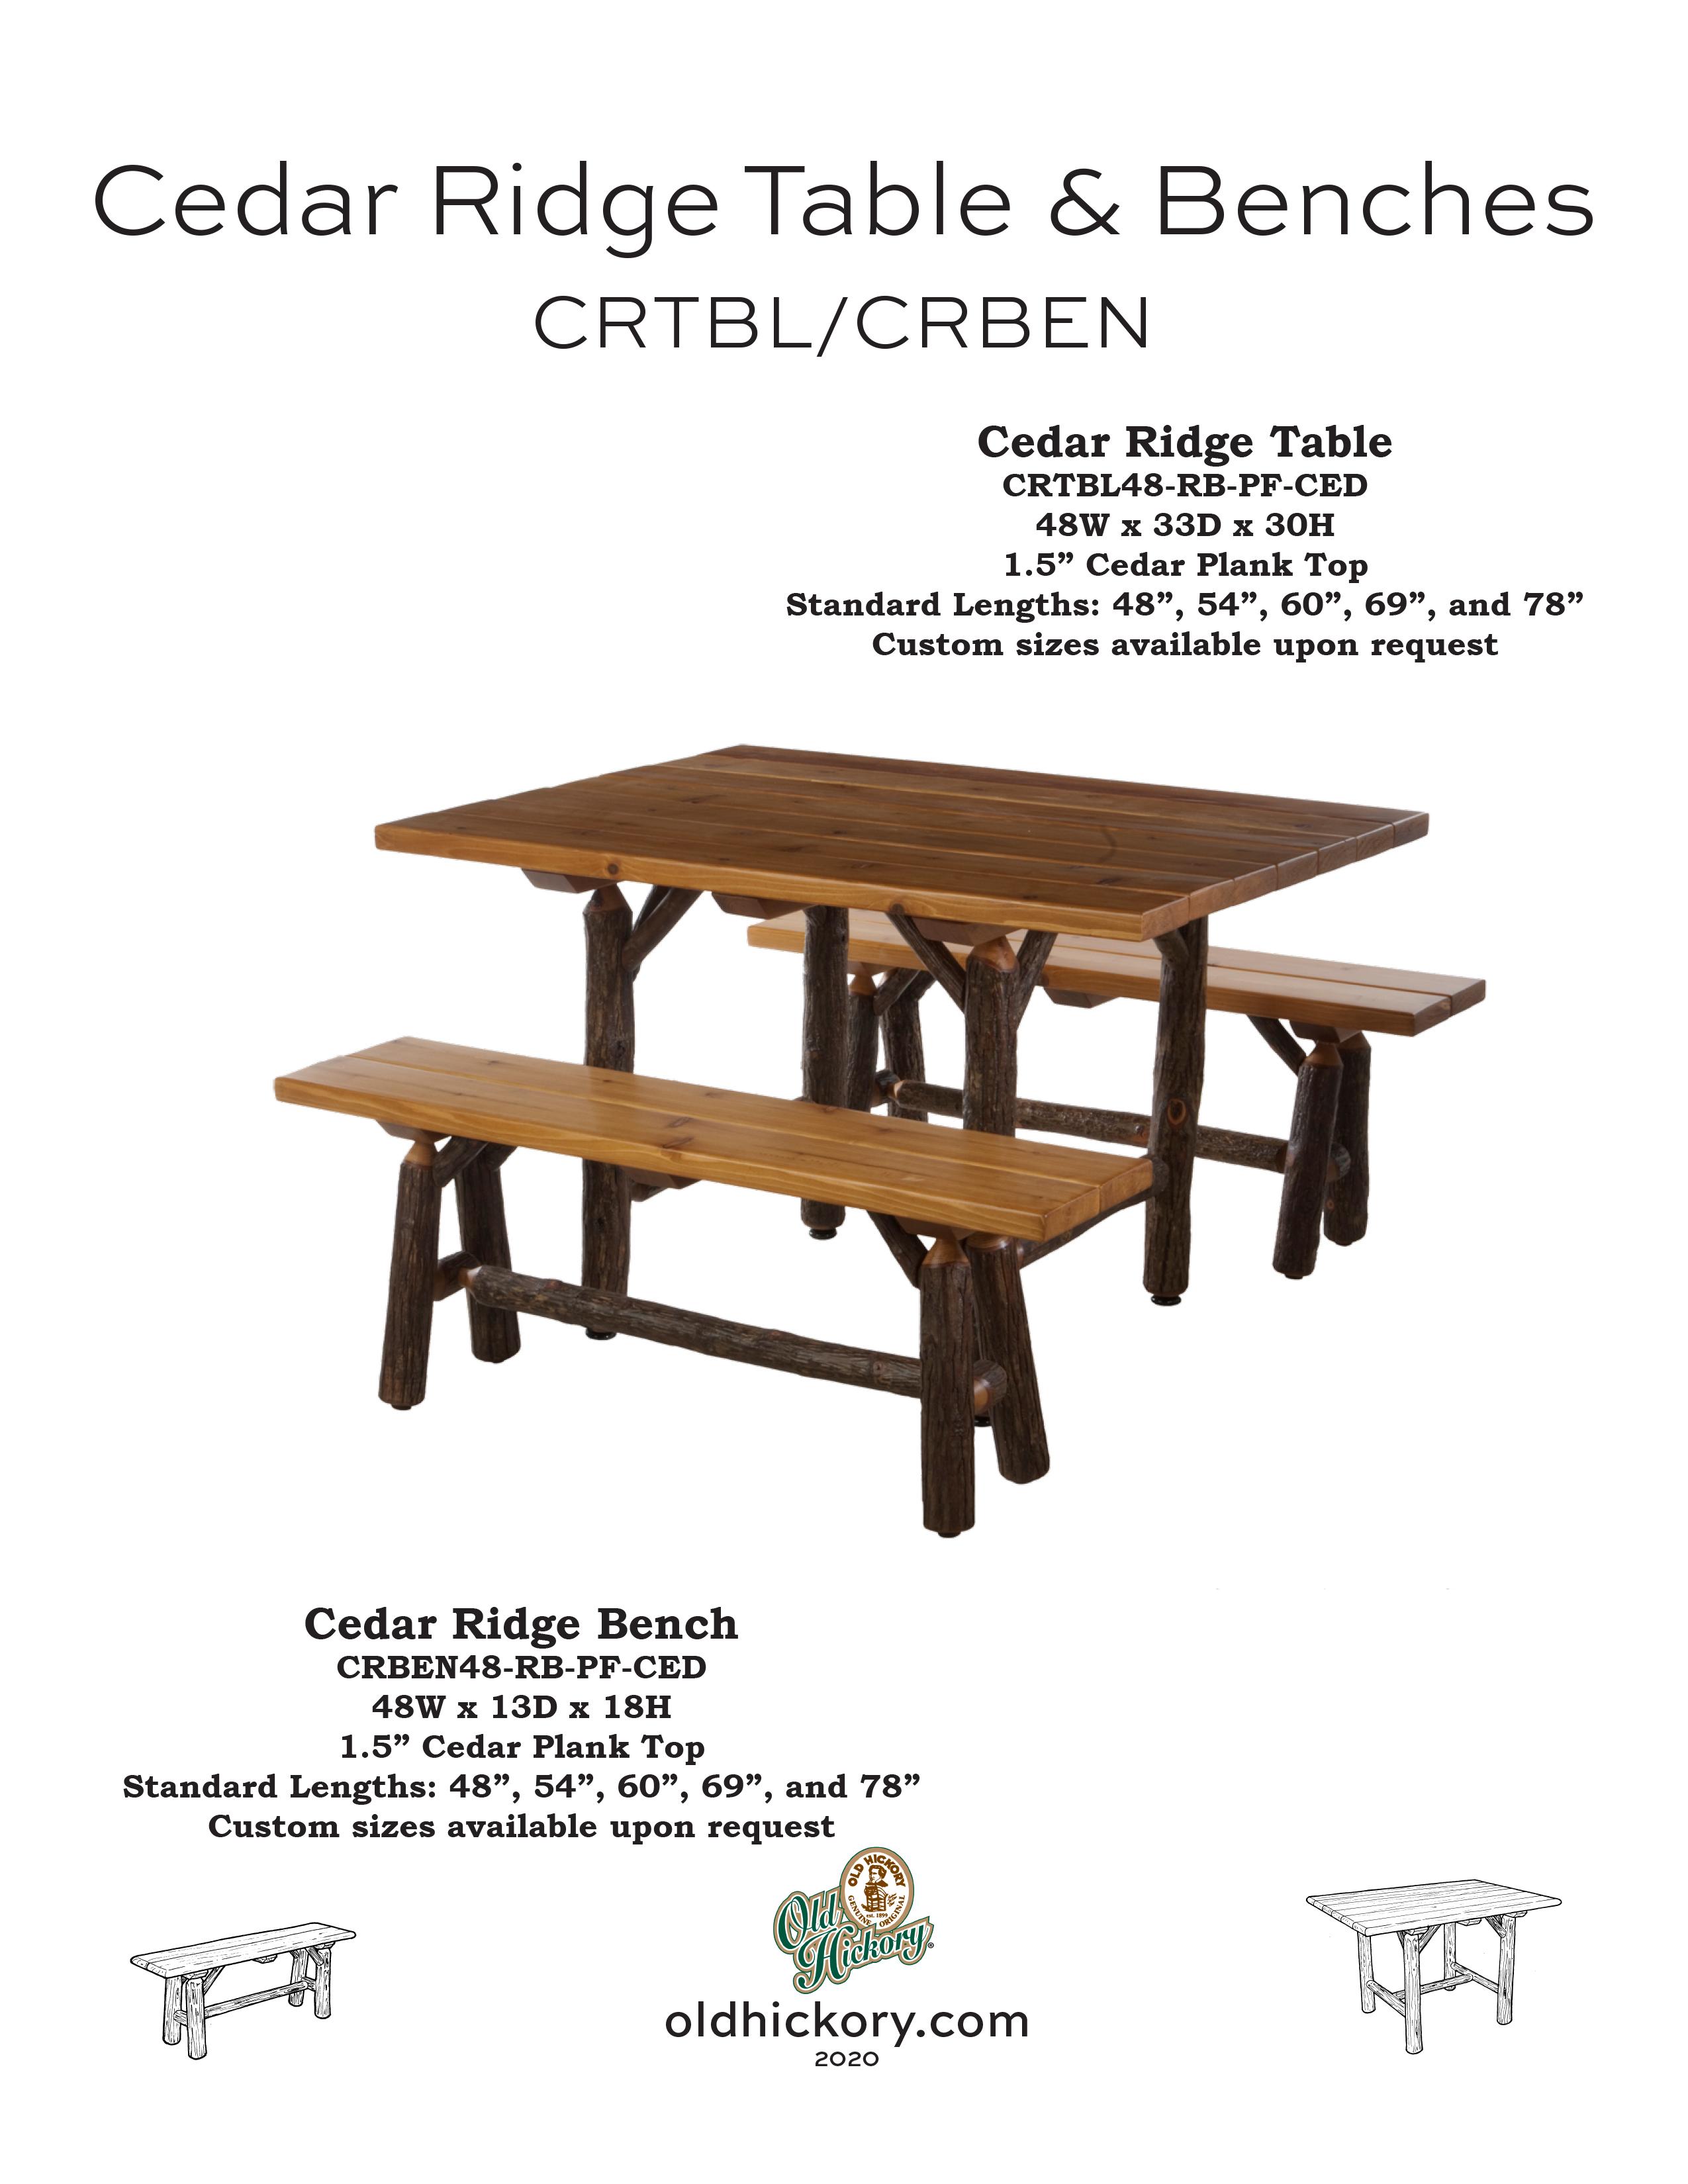 CRTBL & CRBEN